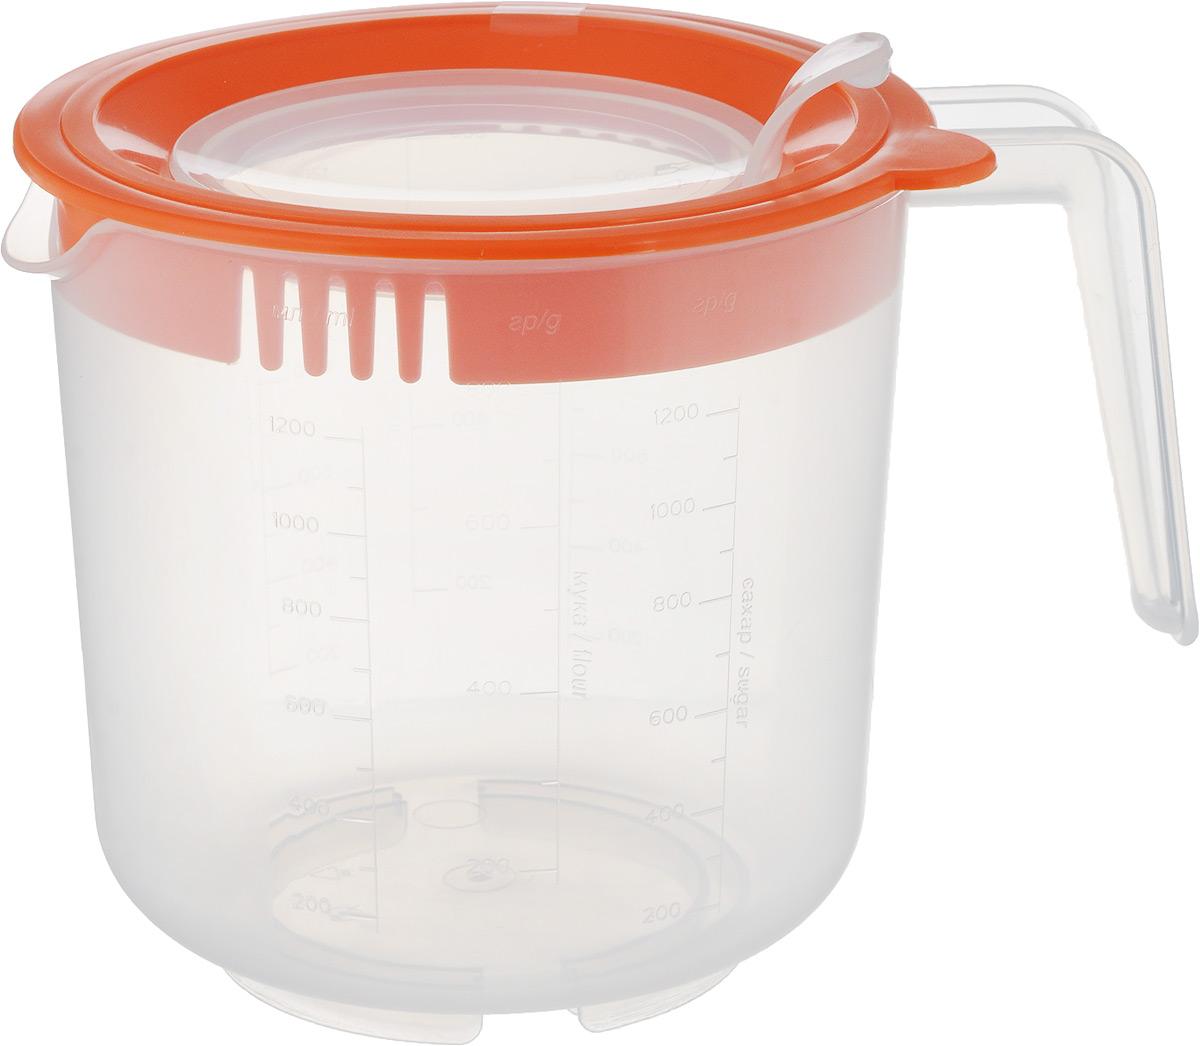 Емкость мерная для взбивания Oursson, цвет: прозрачный, оранжевый, 1,5 лFS-91909Мерная емкость Oursson изготовлена из высококачественного плотного пластика и является многофункциональным кухонным приспособлением. С ее помощью можно не только измерять объем помещаемых в нее жидкостей, но и смешивать их, а так же долго сохранять приготовленные соки, пюре, коктейли. Жесткое основание придает емкости дополнительную устойчивость. В емкости можно перемешивать и взбивать продукты при помощи погружного блендера или миксера. При этом бортики защищают от брызг пространство вокруг емкости. Широкое горлышко позволят без труда вымыть изделие.Можно мыть в посудомоечной машине. Диаметр емкости по верхнему краю (без учета носика и ручки): 14 см. Диаметр отверстия в крышке: 9 см. Высота емкости (с учетом крышки): 14 см. Объем: 1,5 л.